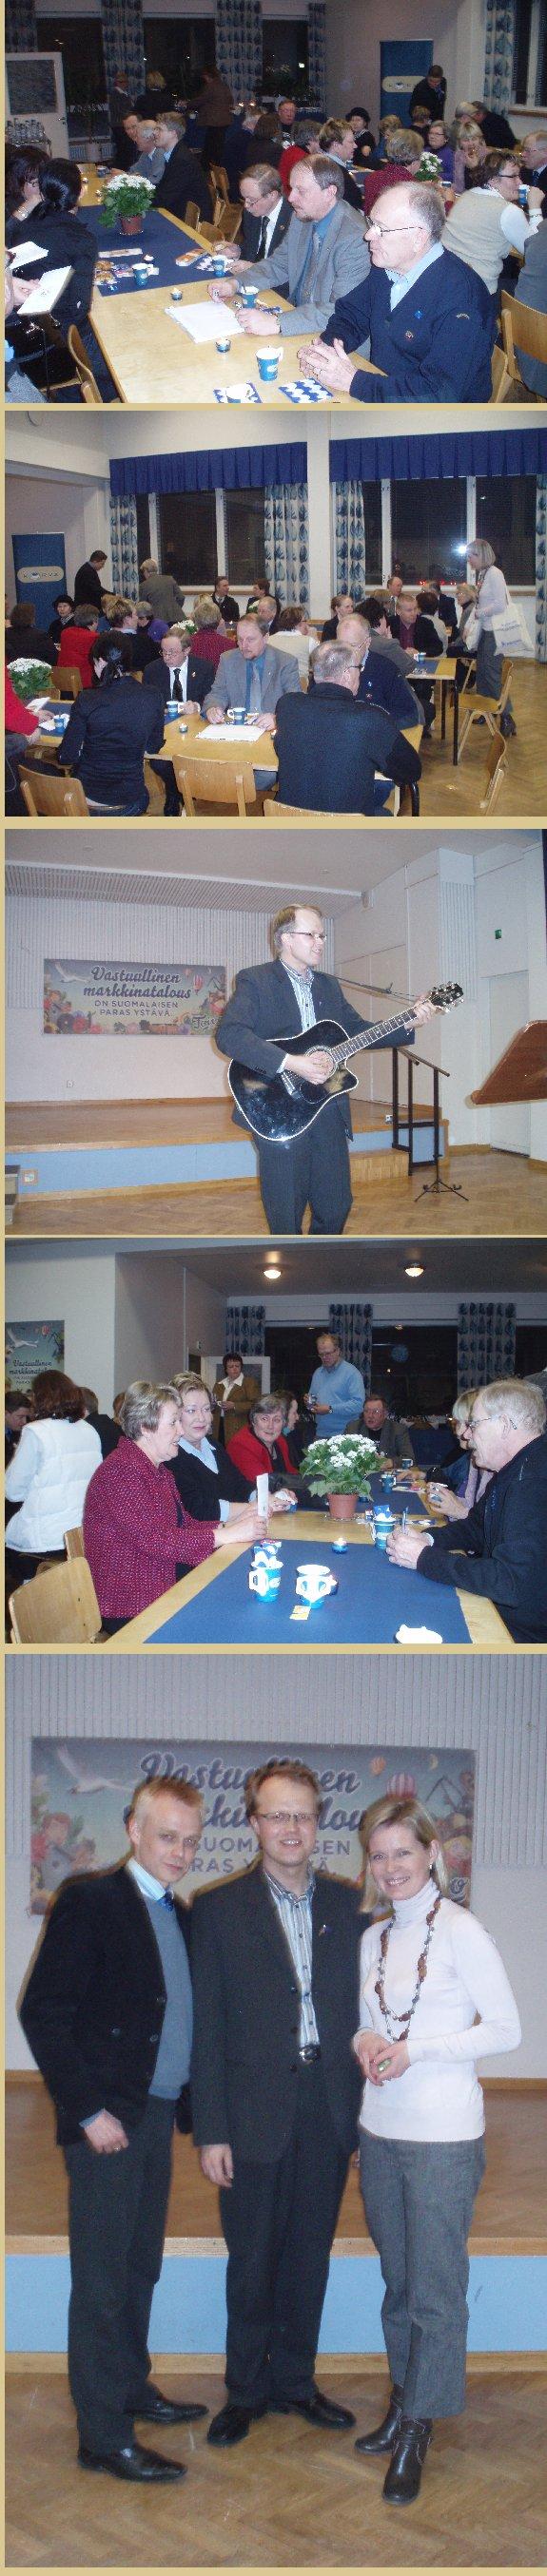 Riihimäen vaalijuhla keräsi hyvin väkeä. Tilaisuuden juonsi ja musiikistakin vastasi Kokoomuksen ehdokas Antero Rönkä Uudeltamaalta.